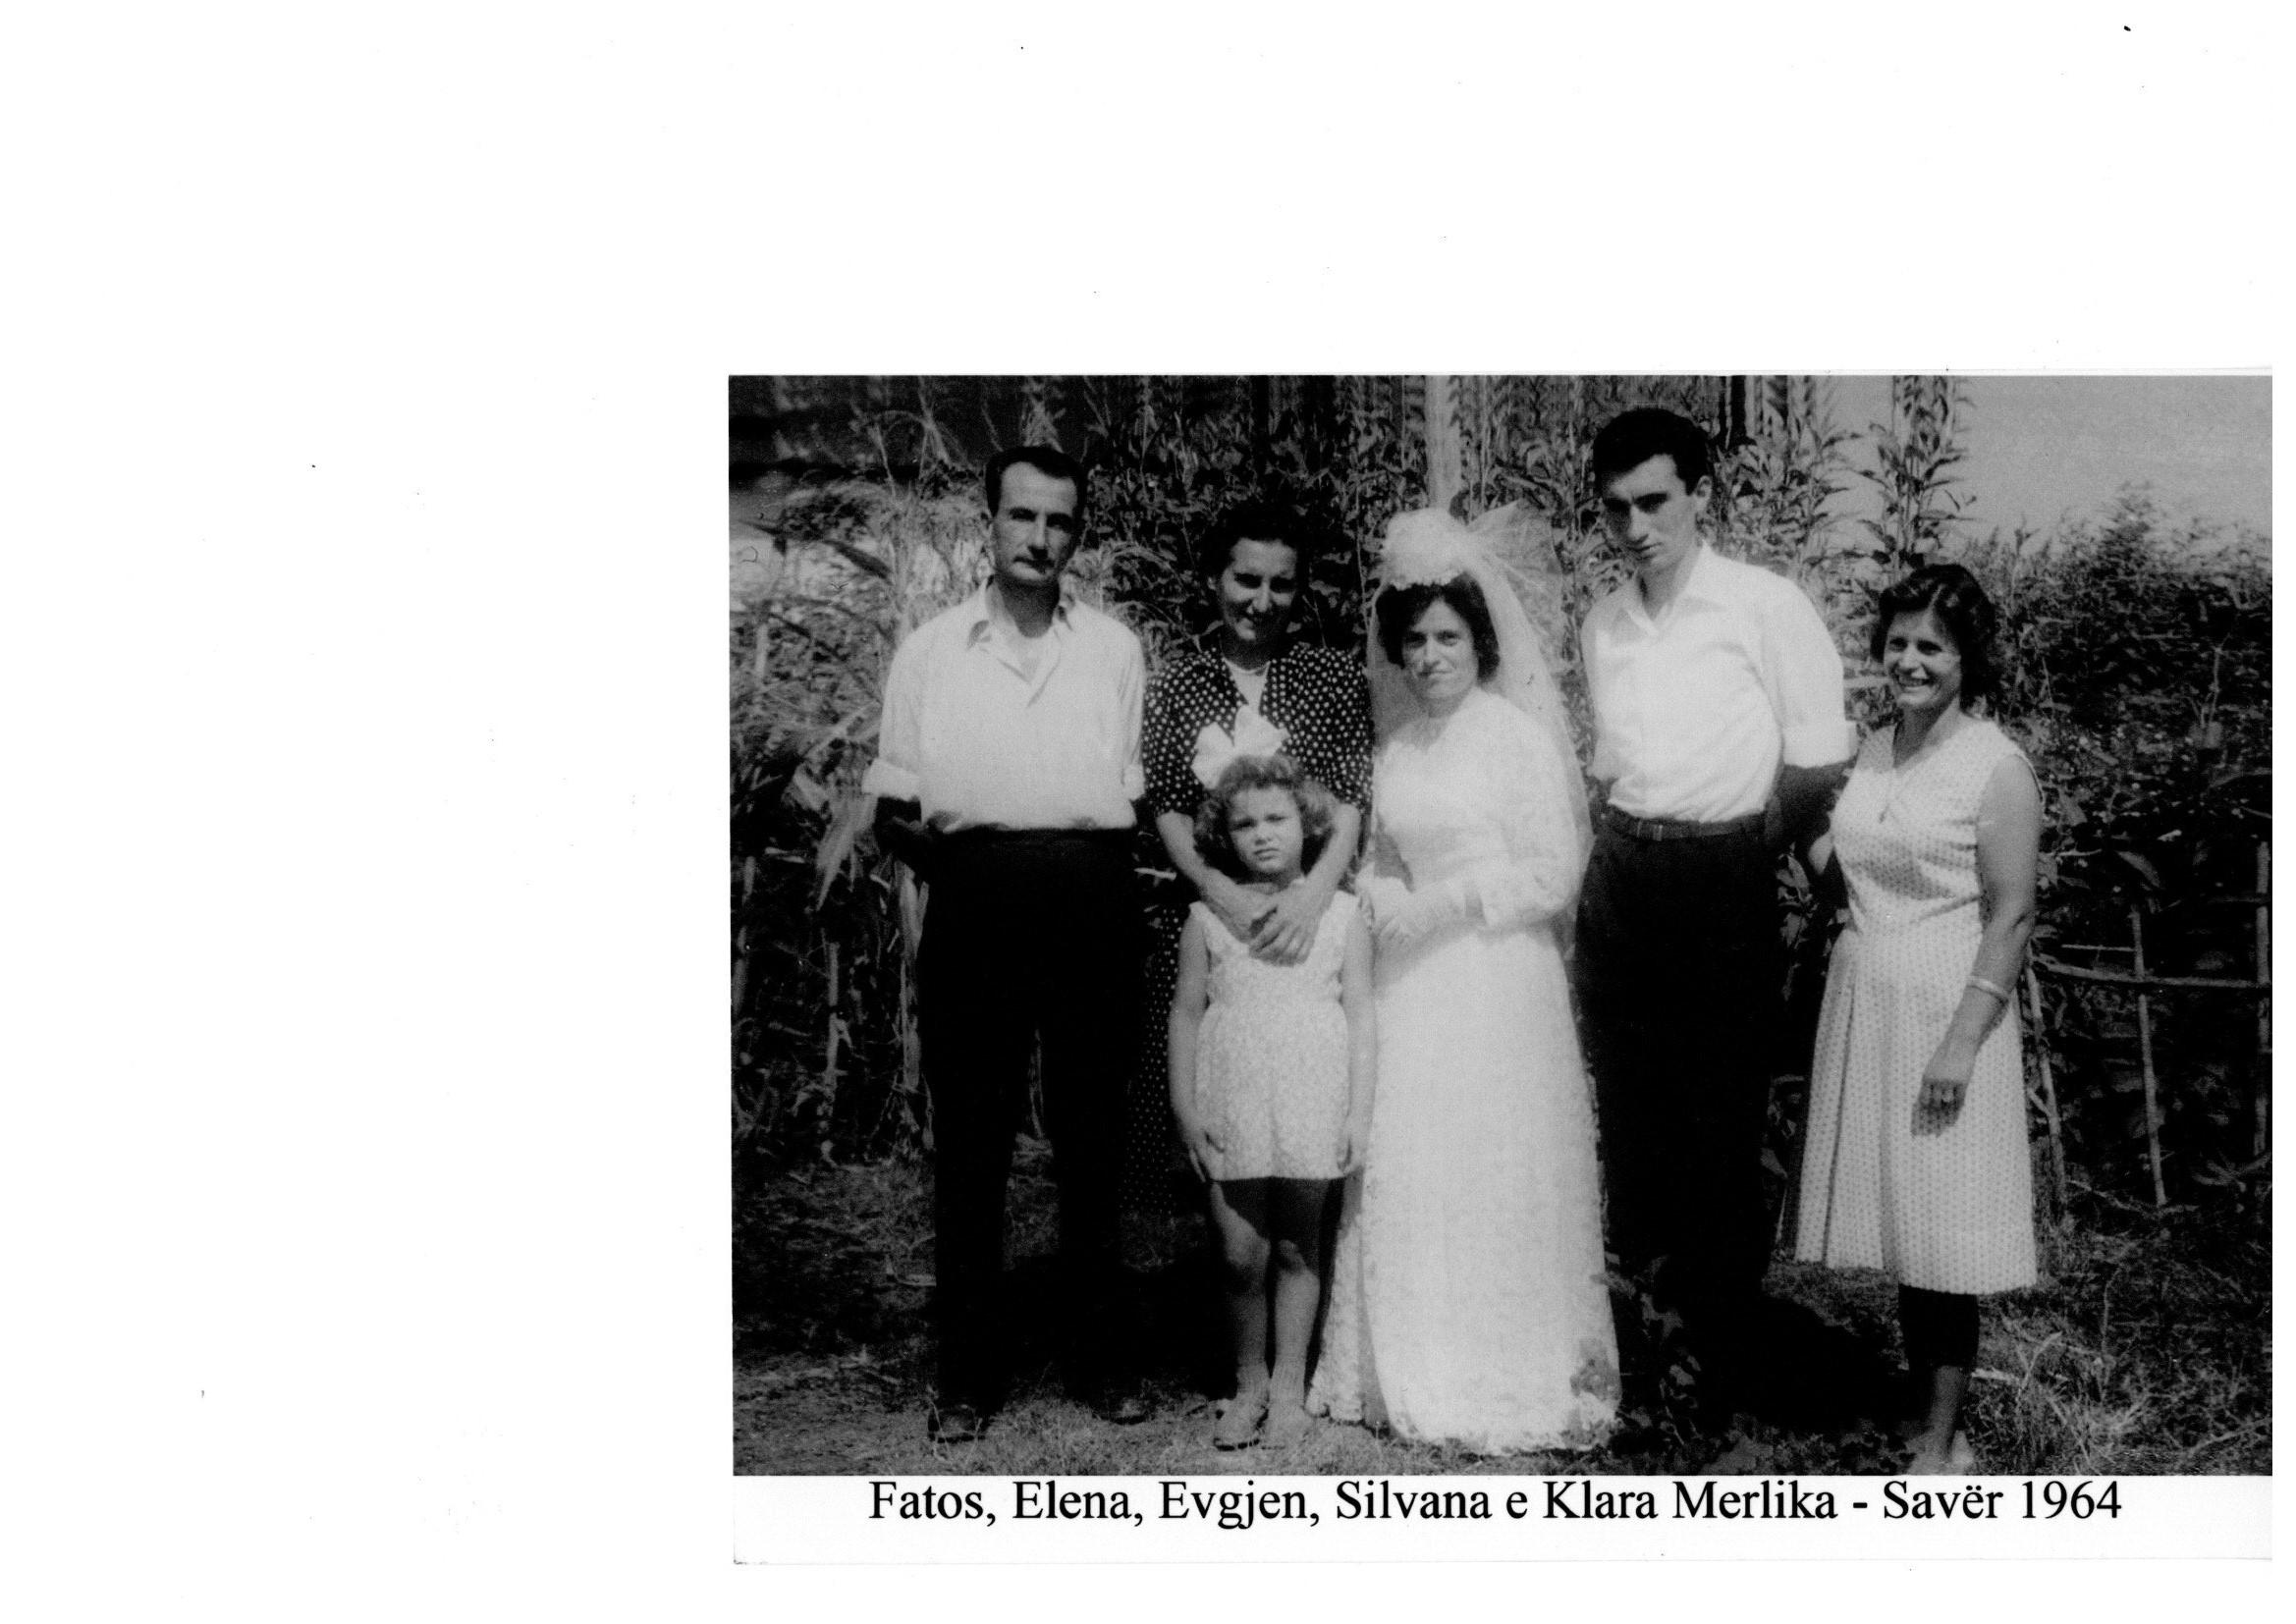 Dasme ne Saver 1964